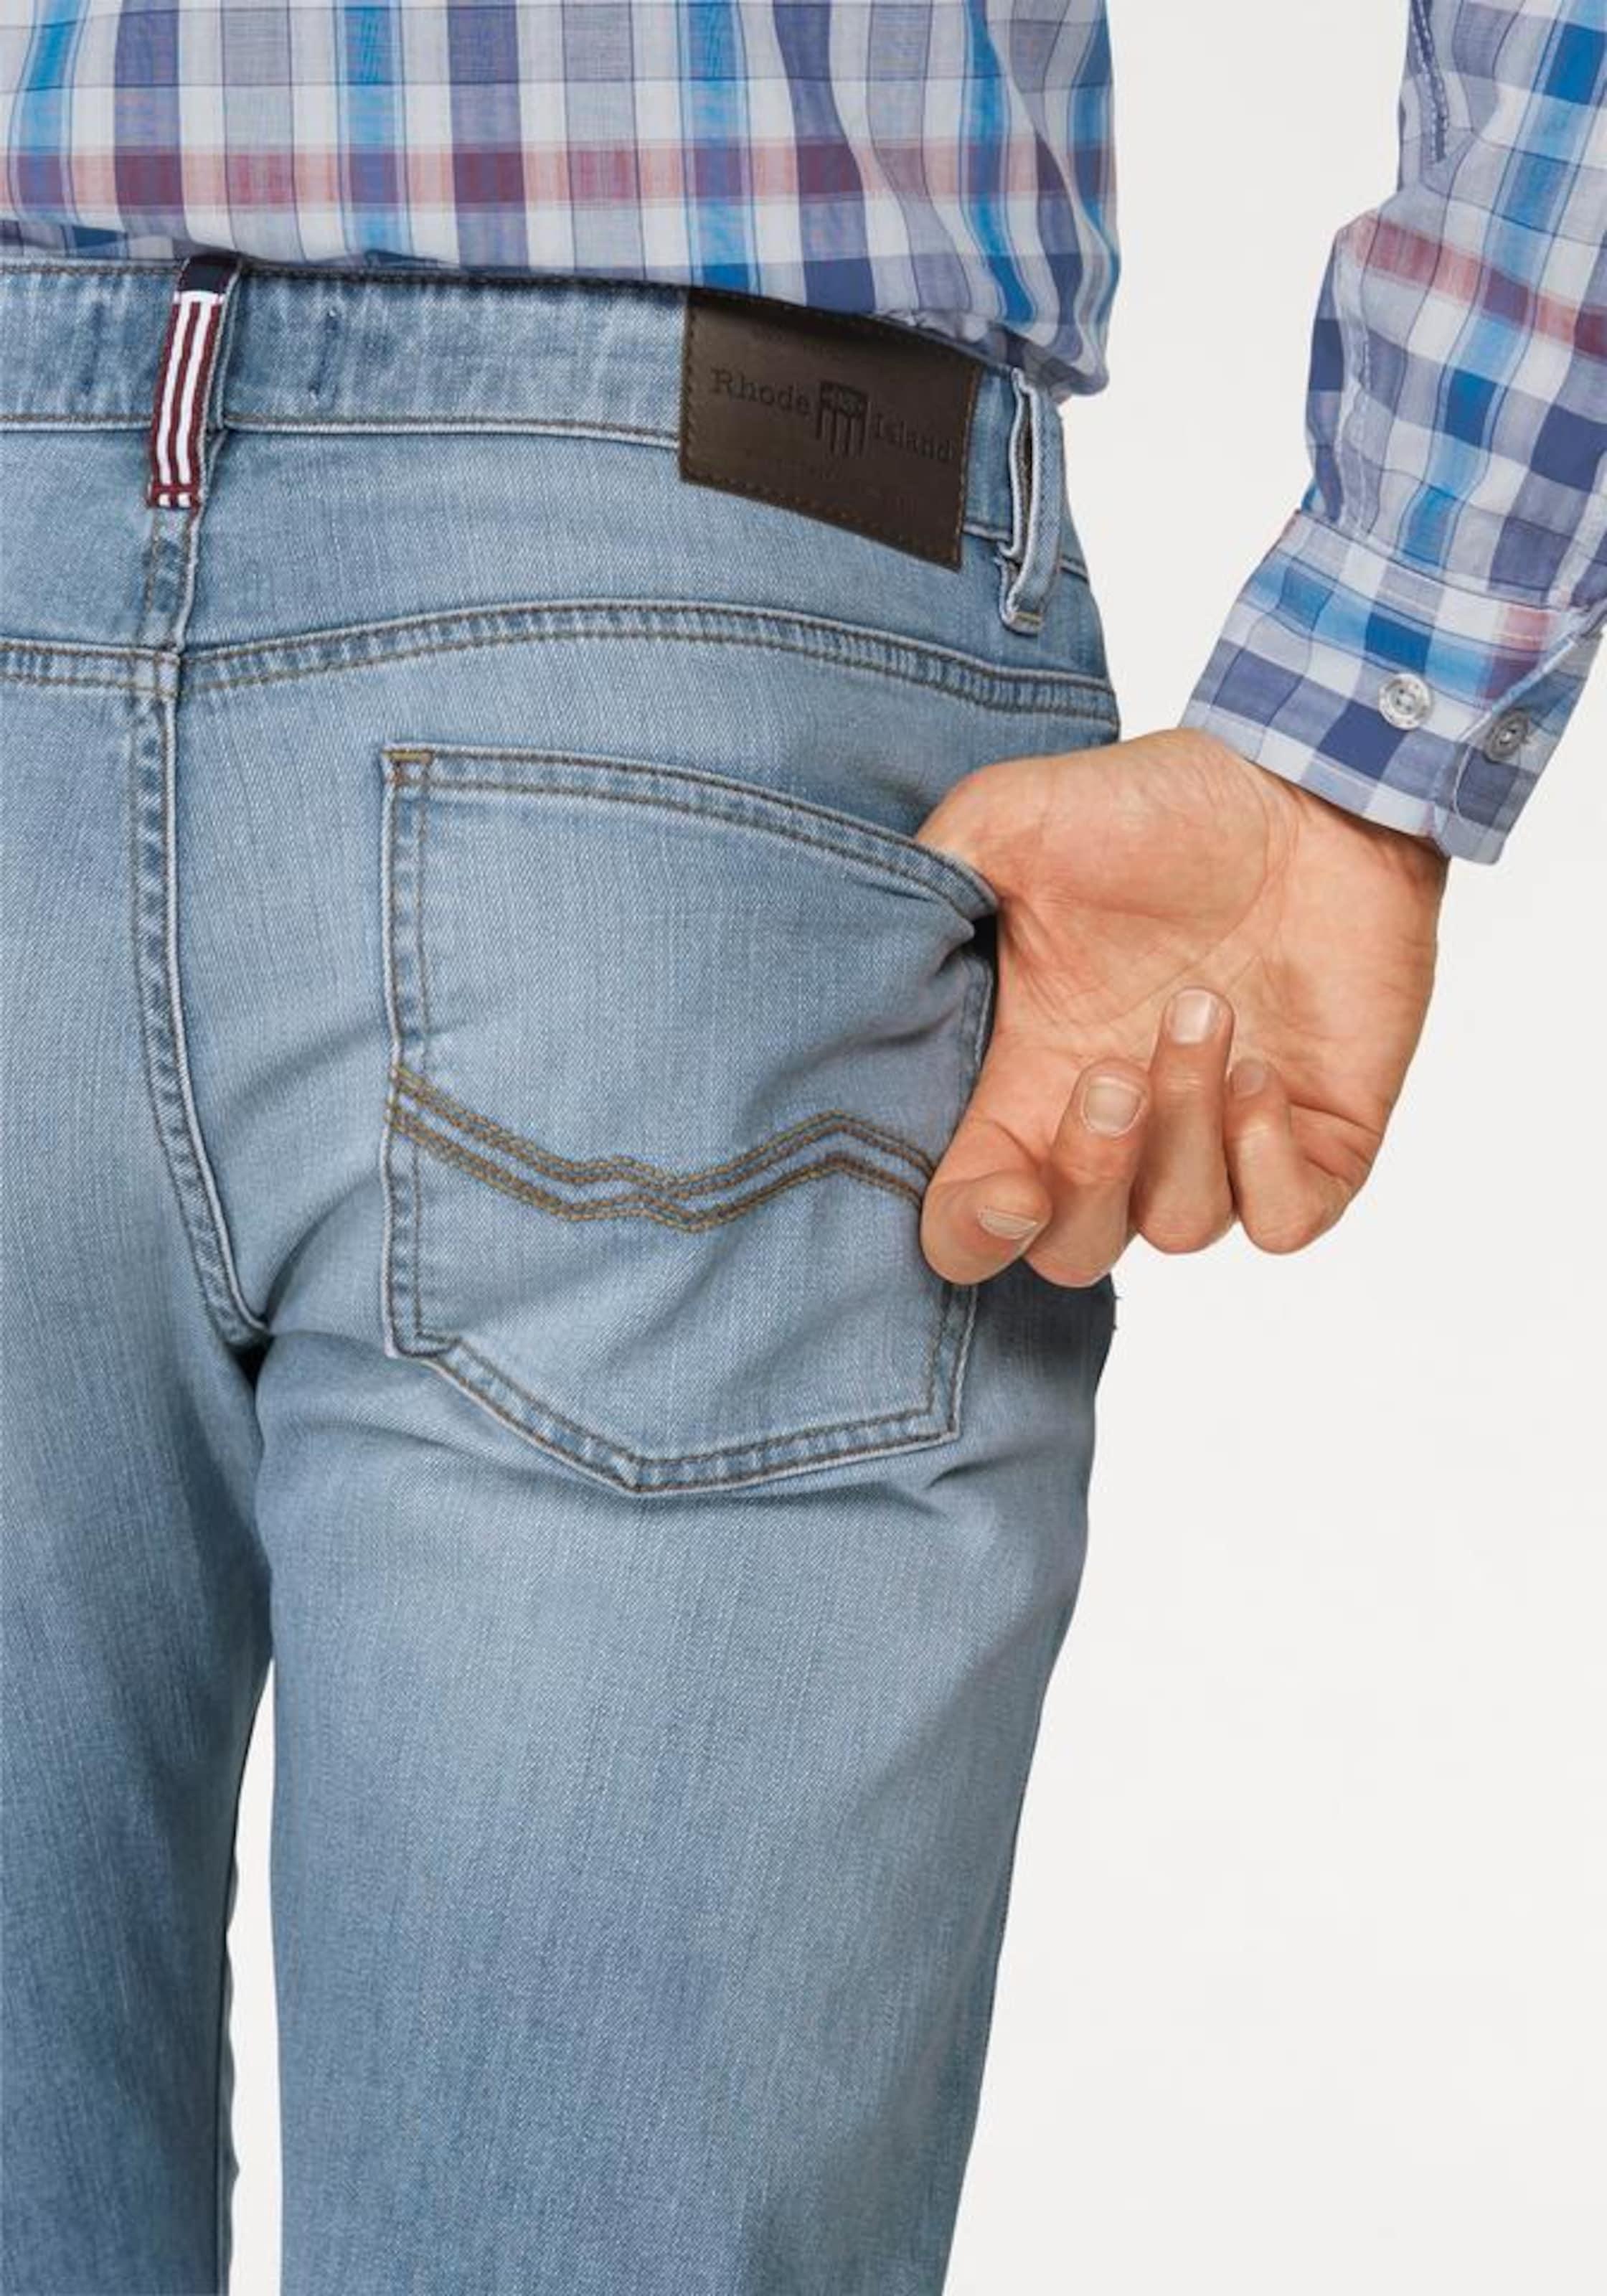 Rabatt Bestseller Freies Verschiffen Geniue Händler RHODE ISLAND Stretch Jeans Outlet Erschwinglich Verkauf Der Neuen Ankunft Verkauf Schnelle Lieferung lXlBQYWjMQ